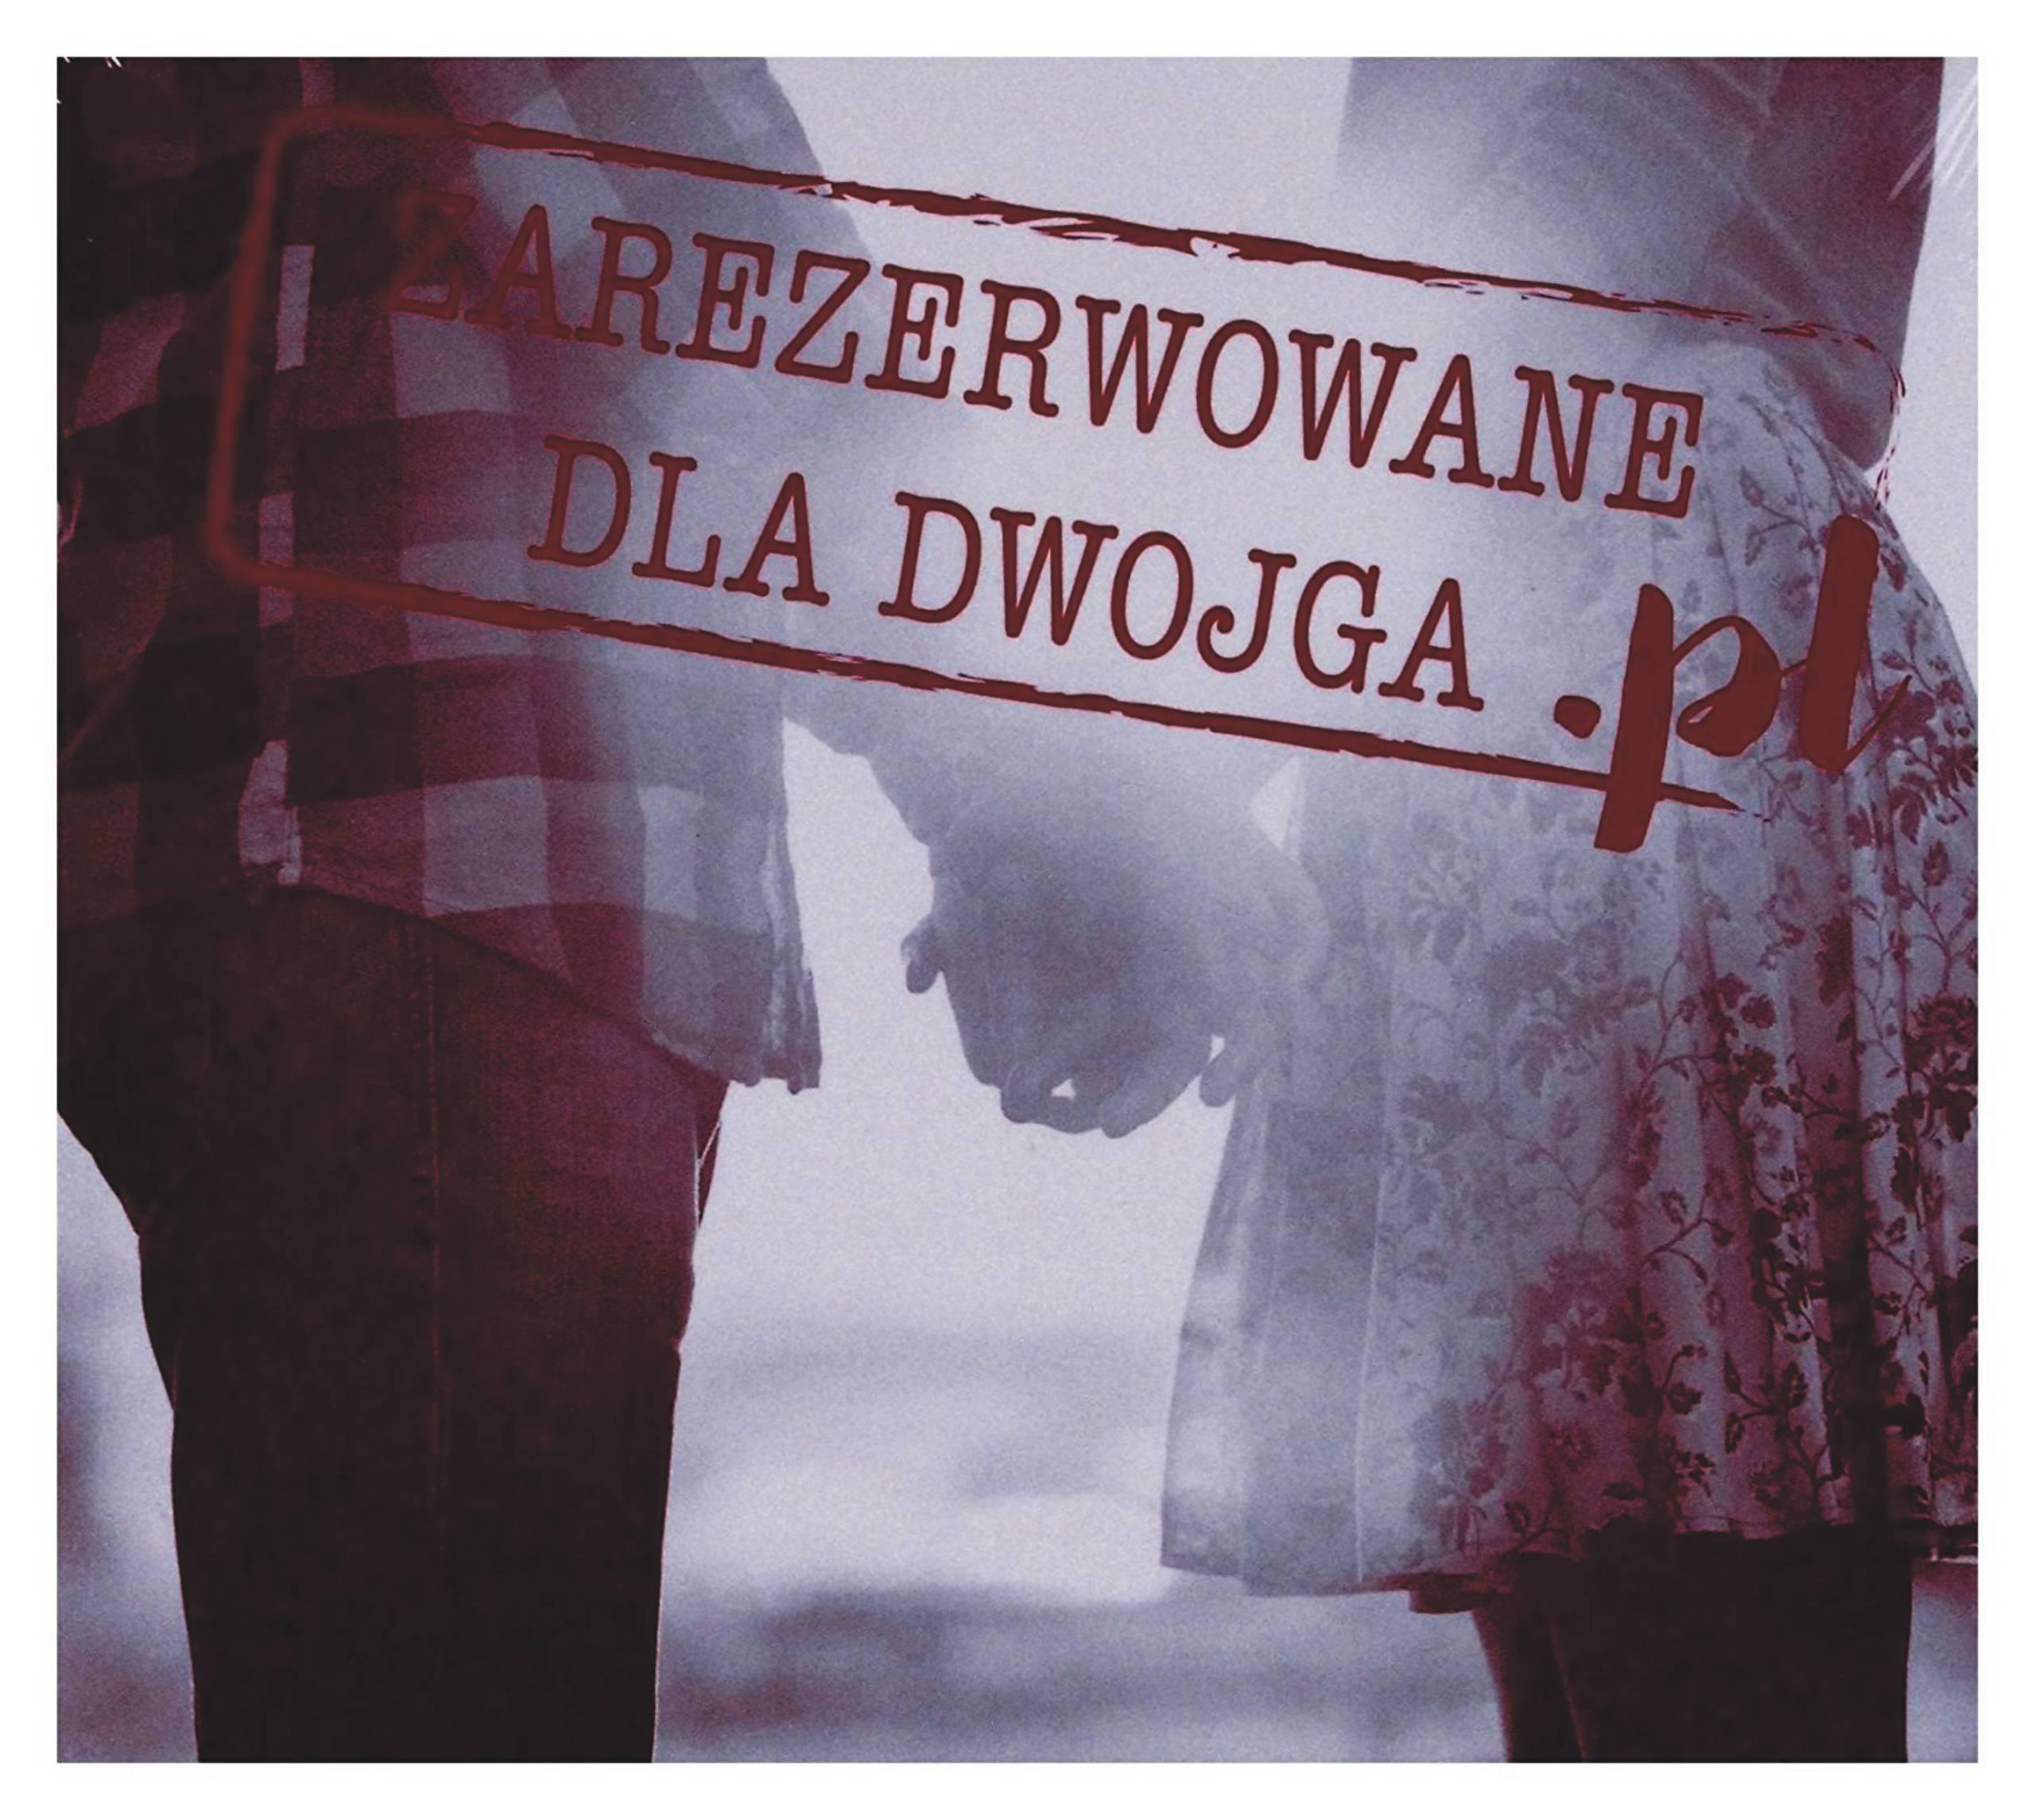 Zarezerwowane Dla Dwojga.pl 1